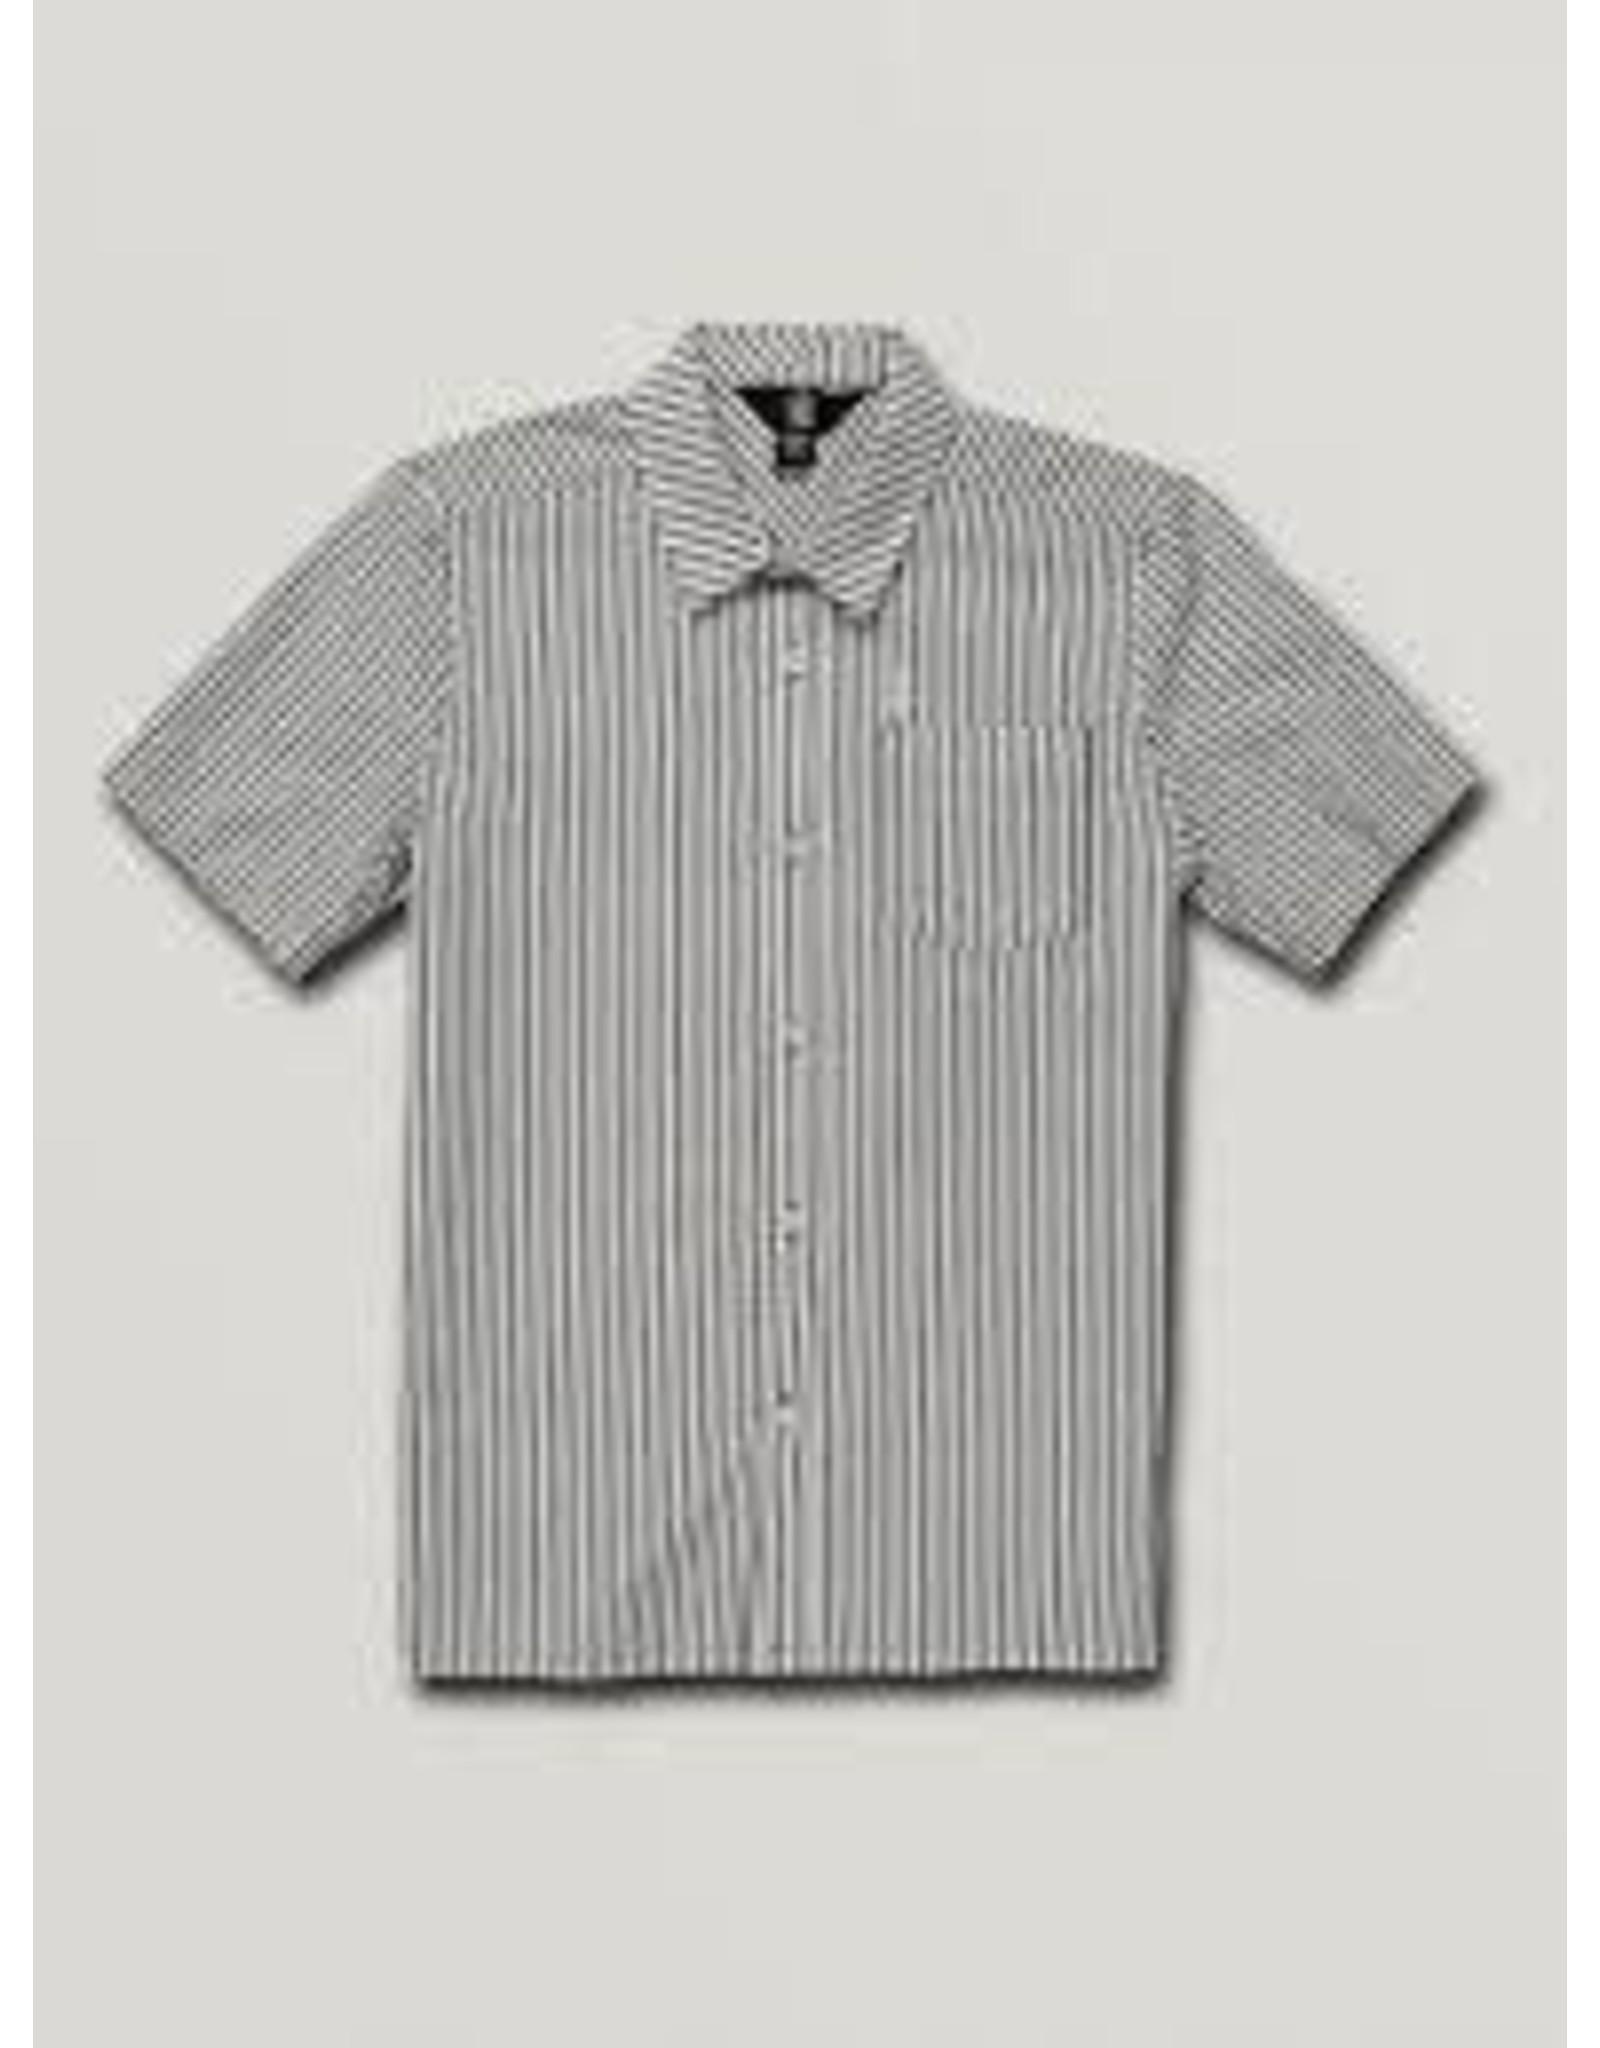 volcom Volcom - chemise kramer S/S